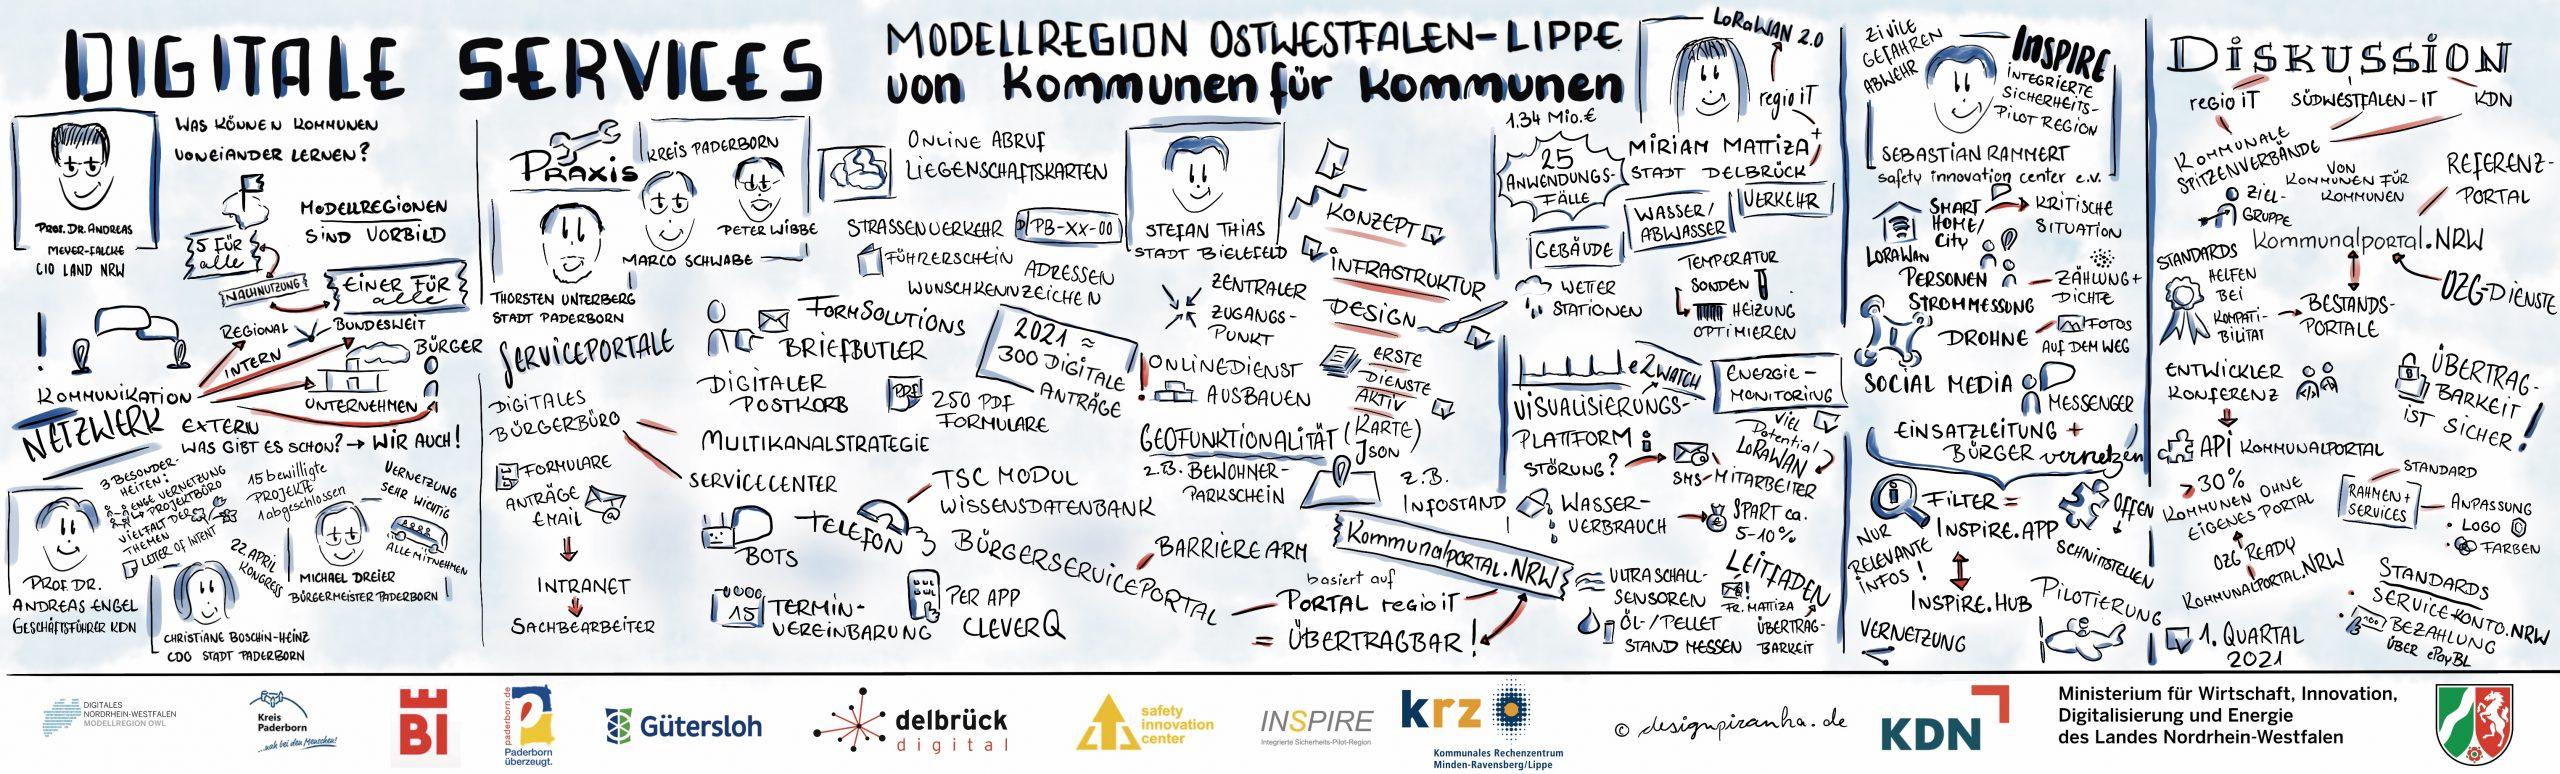 """INSPIRE auf der Veranstaltung """"Digitale Services – von Kommunen für Kommunen"""""""